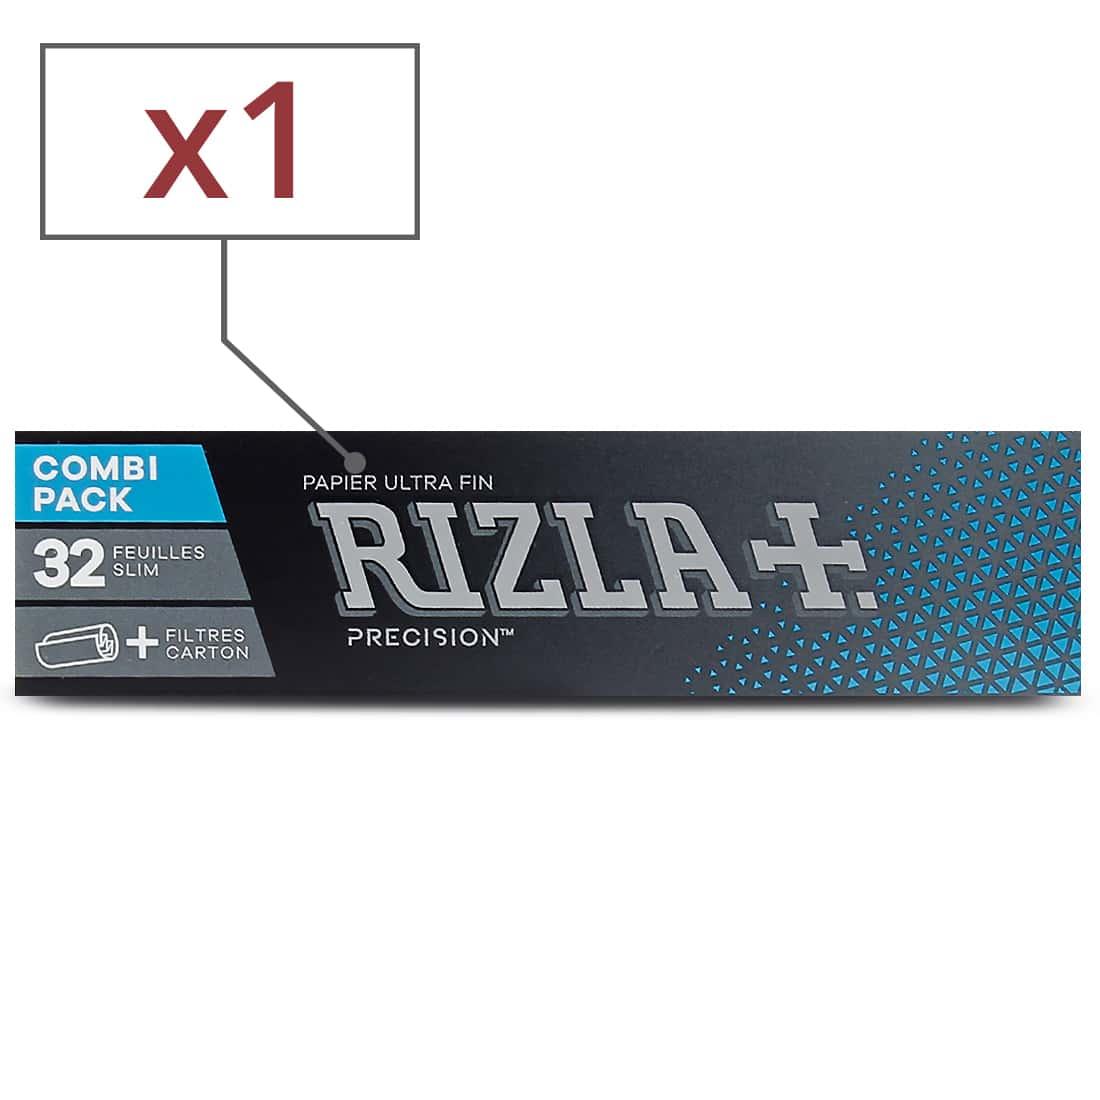 Photo de Papier à rouler Rizla + Precision Slim et Tips x 1